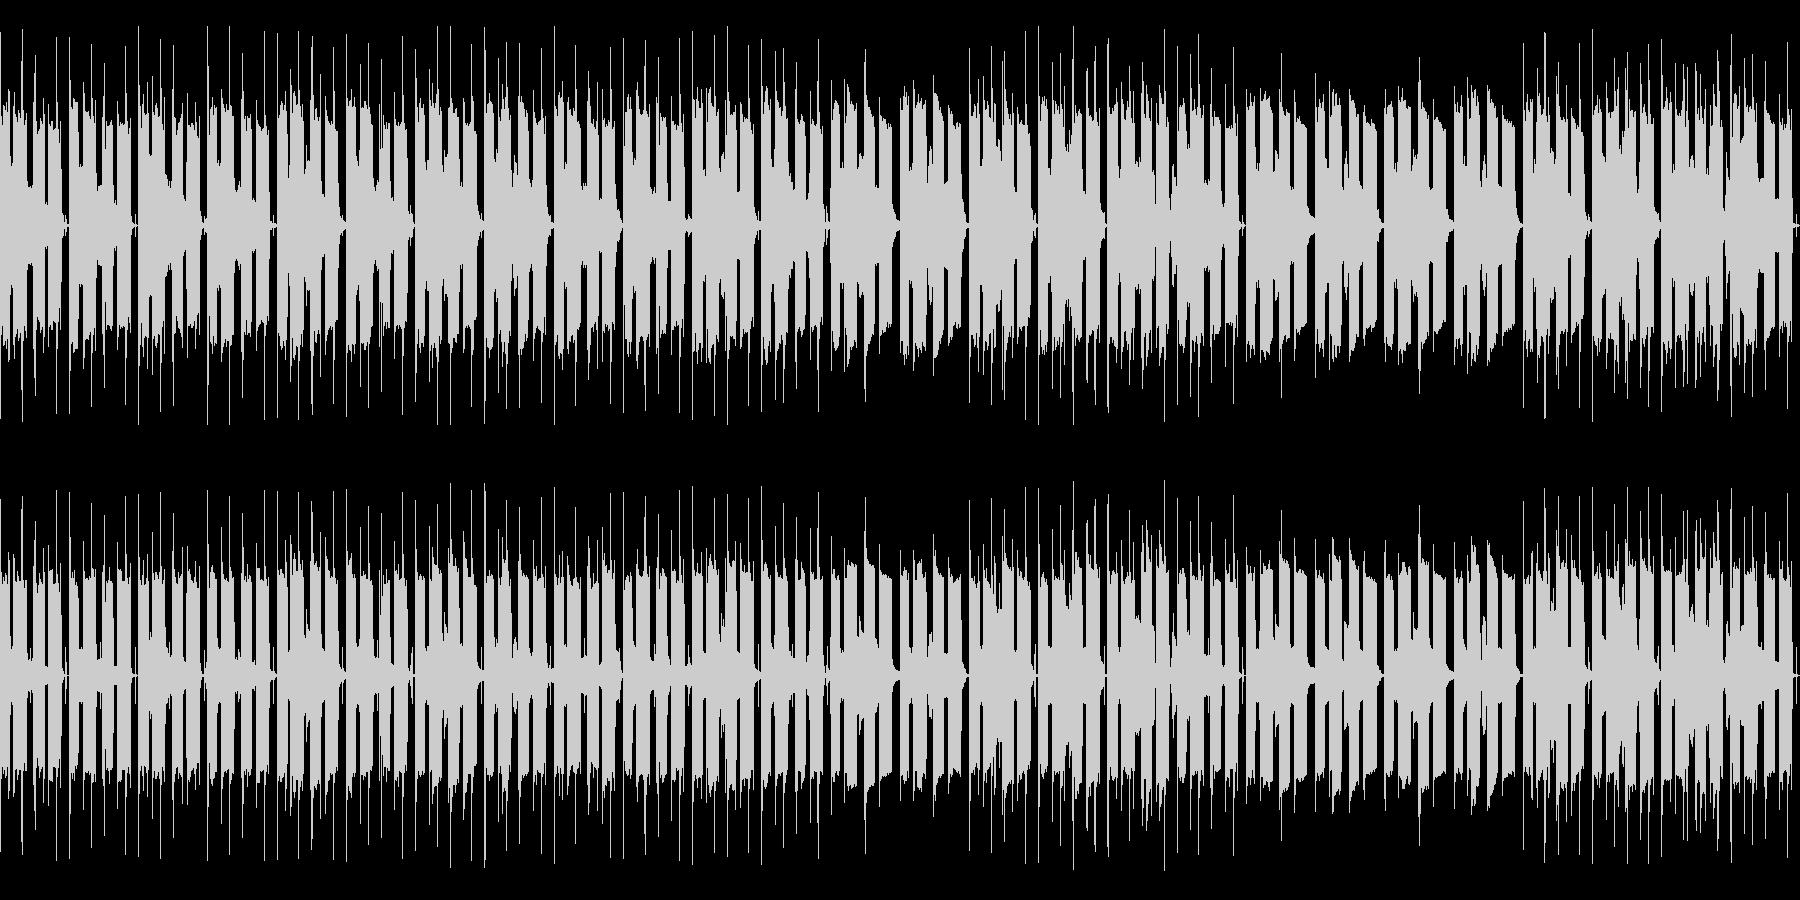 エレピとミュートTpのLo-Fiチルの未再生の波形